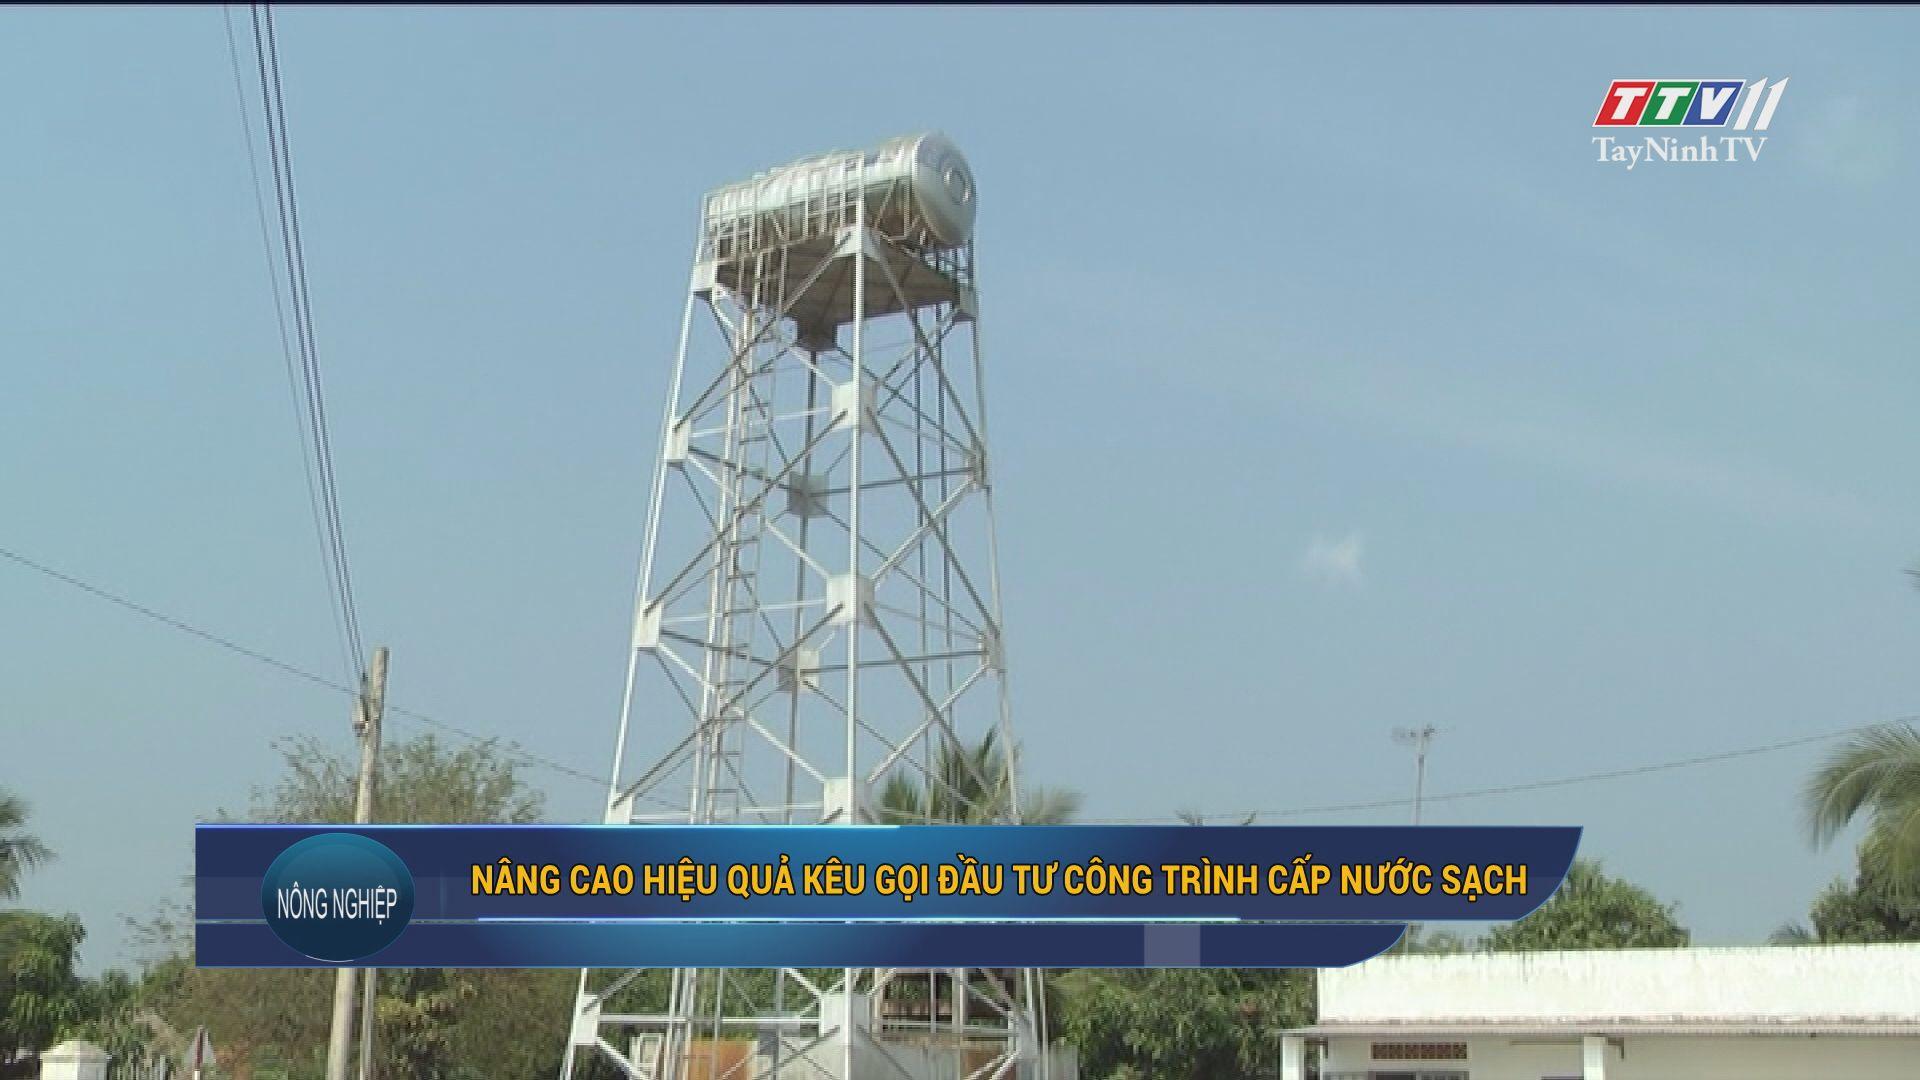 Hiệu quả kêu gọi đầu tư công trình cấp nước sạch | NÔNG NGHIỆP TÂY NINH | TayNinhTV